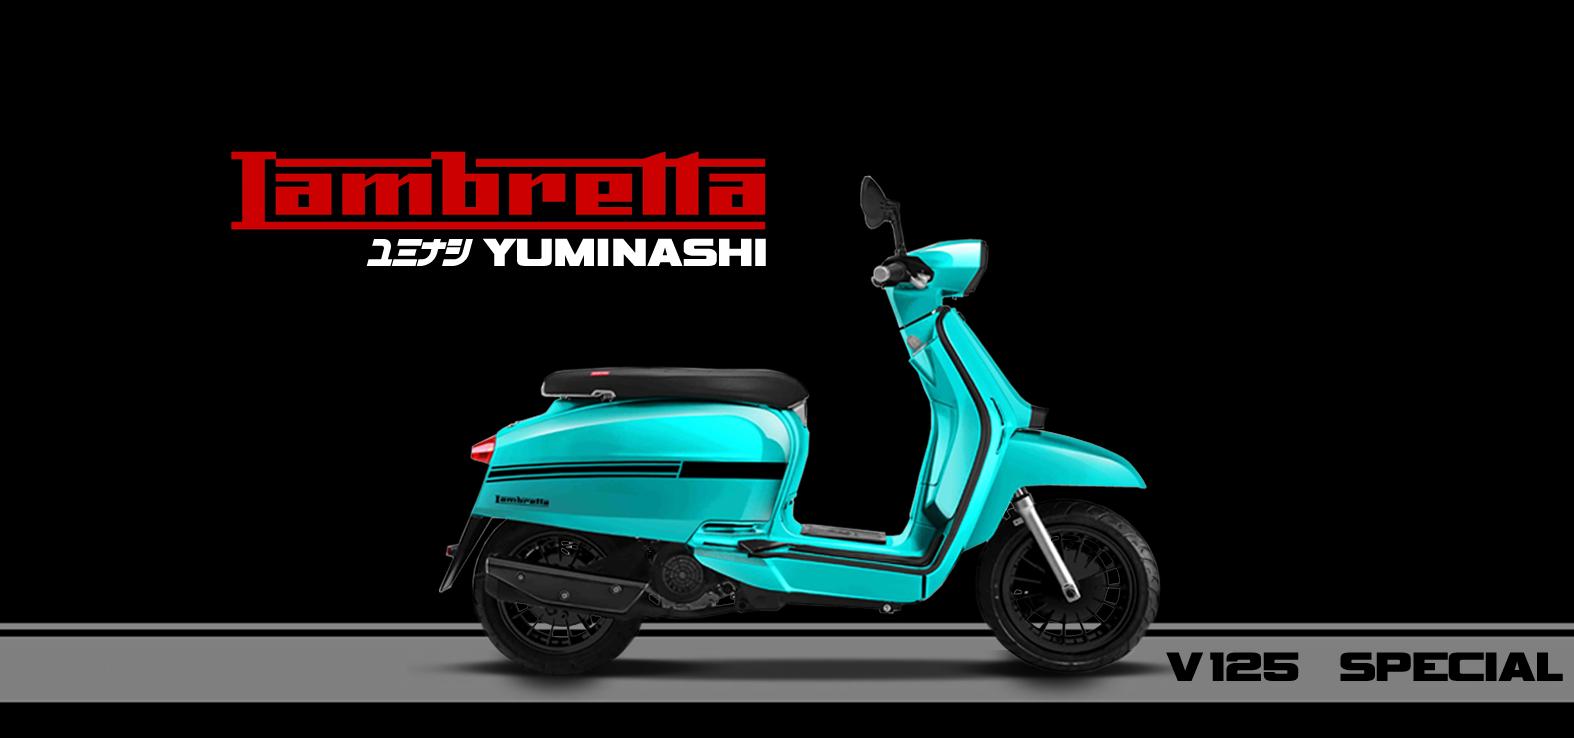 v125-lambretta-yuminashi-p01.png